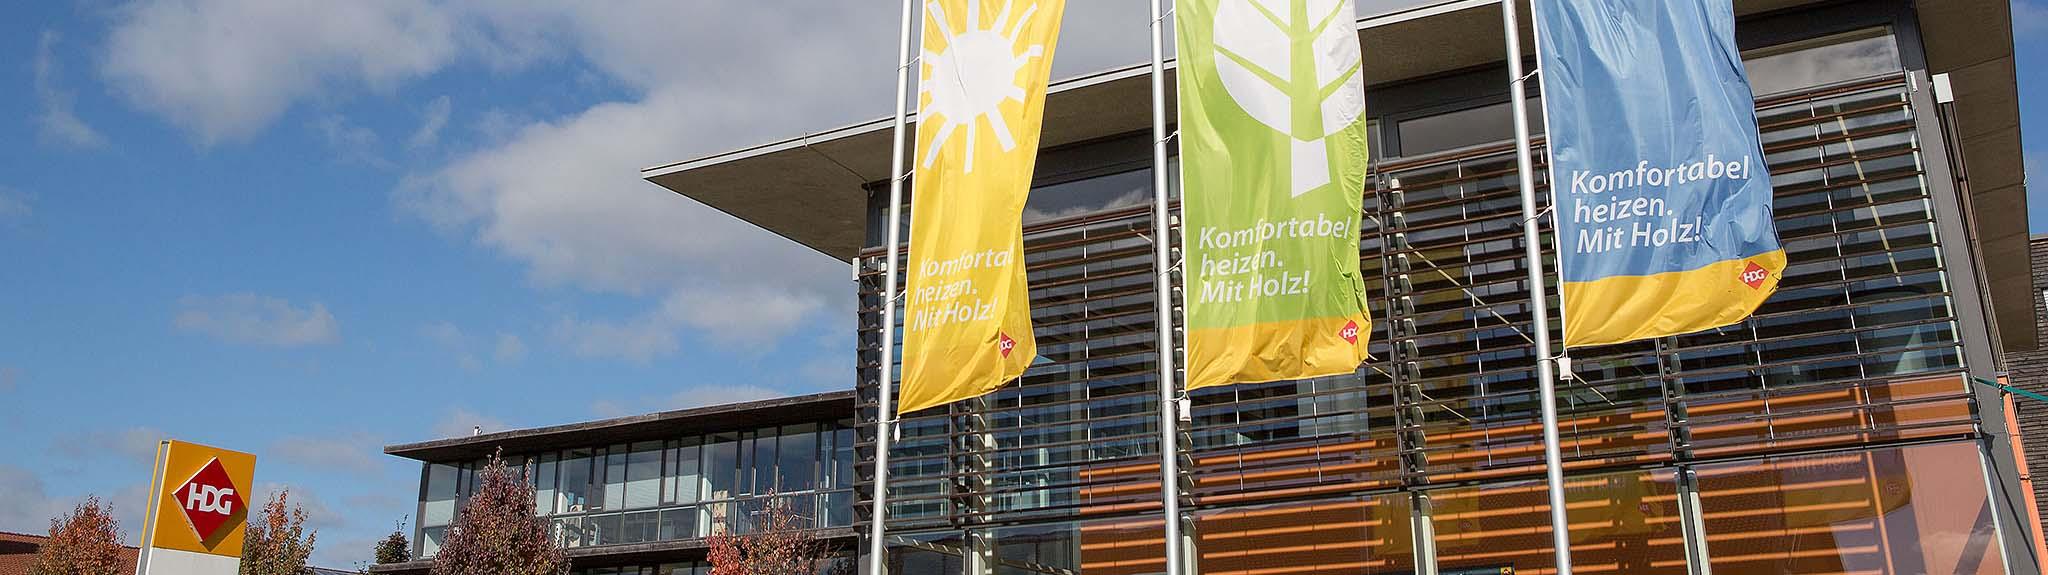 HDG Bavaria HDG Installationstechnik